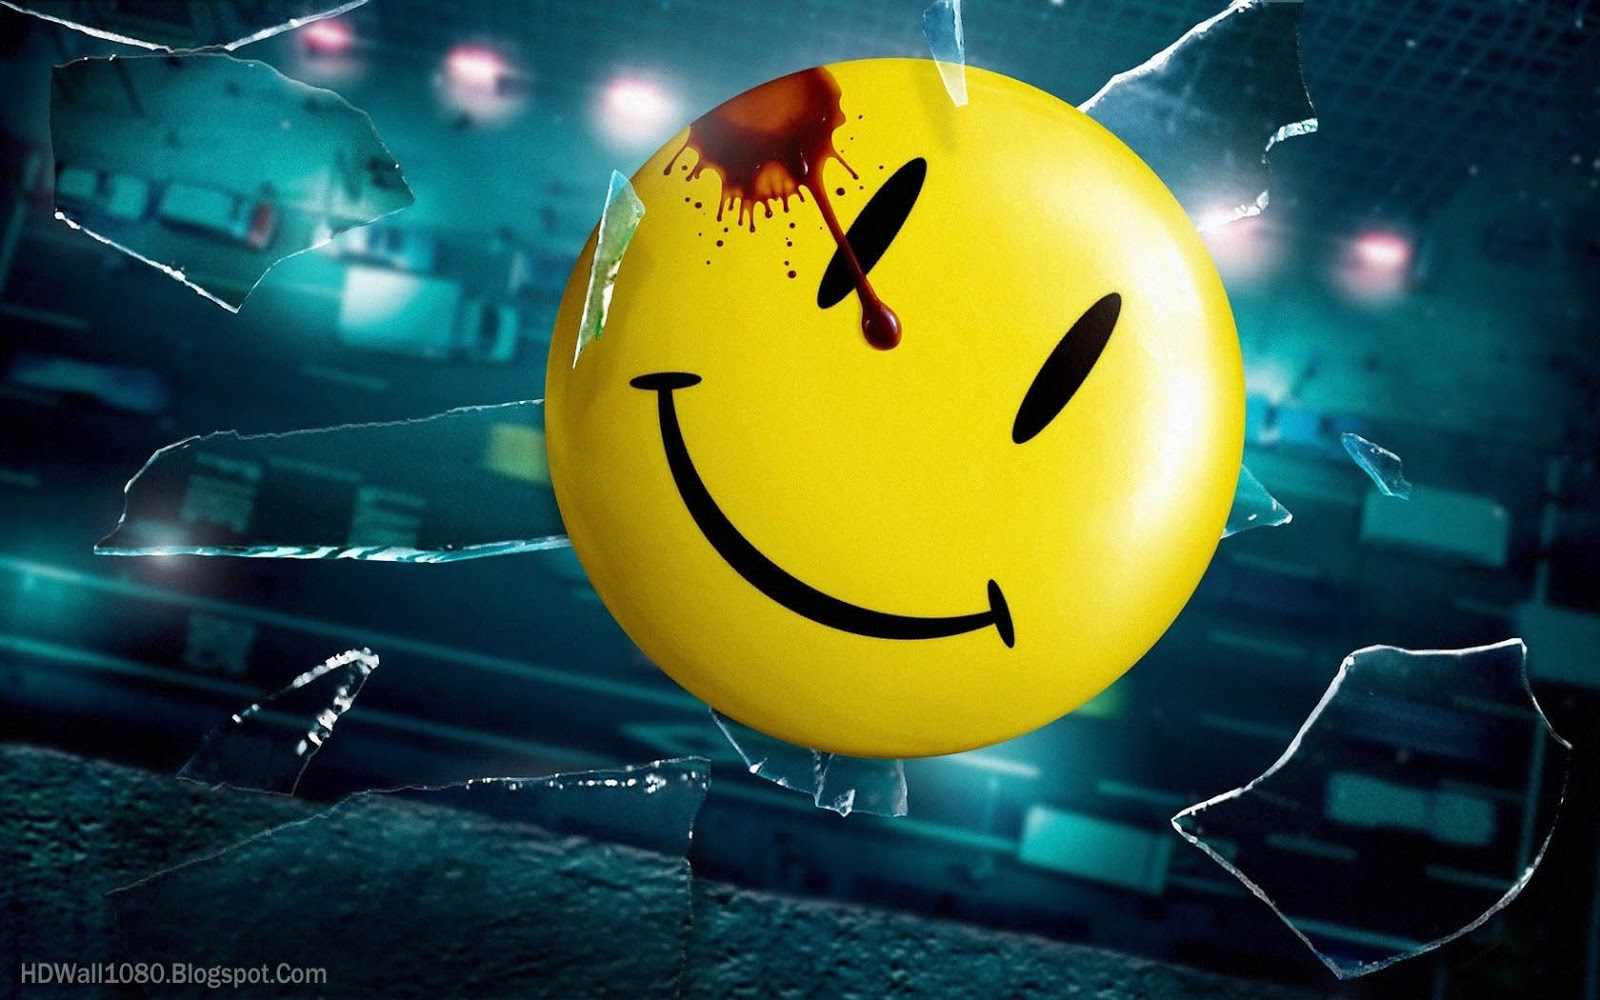 http://4.bp.blogspot.com/-aH3JOWPGOAg/ULoxs8CrRwI/AAAAAAAABHo/gm_nXH4cyng/s1600/Keepers+Comedian+Glass+Icon+Wallpaper.jpg